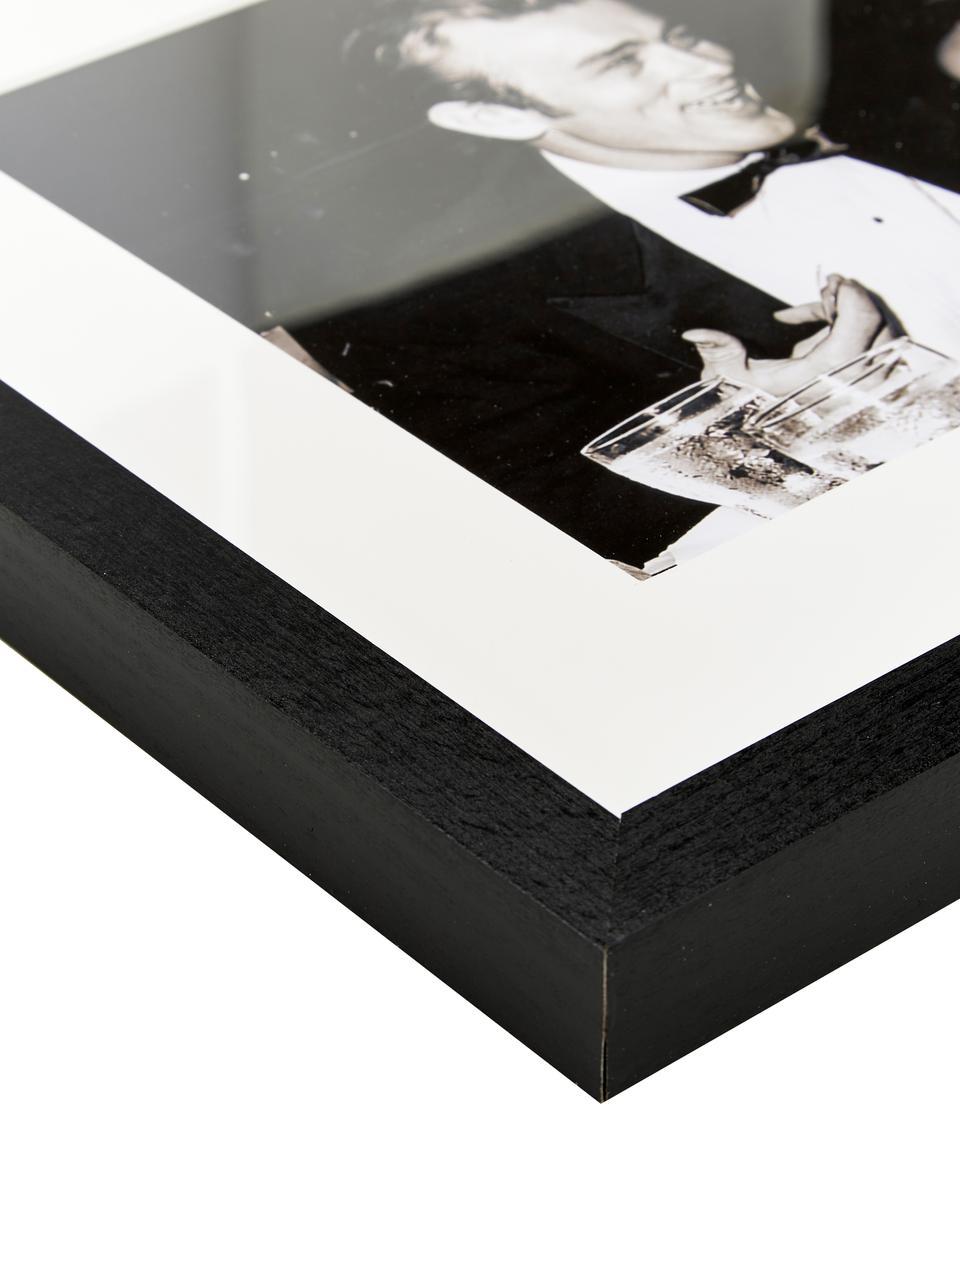 Gerahmter Fotodruck Pier Angeli und James Dean, Bild: Digitaldruck auf Papier, Rahmen: Buchenholz, lackiert, Ple, Bild: Sepia<br>Rahmen: Schwarz, 43 x 33 cm